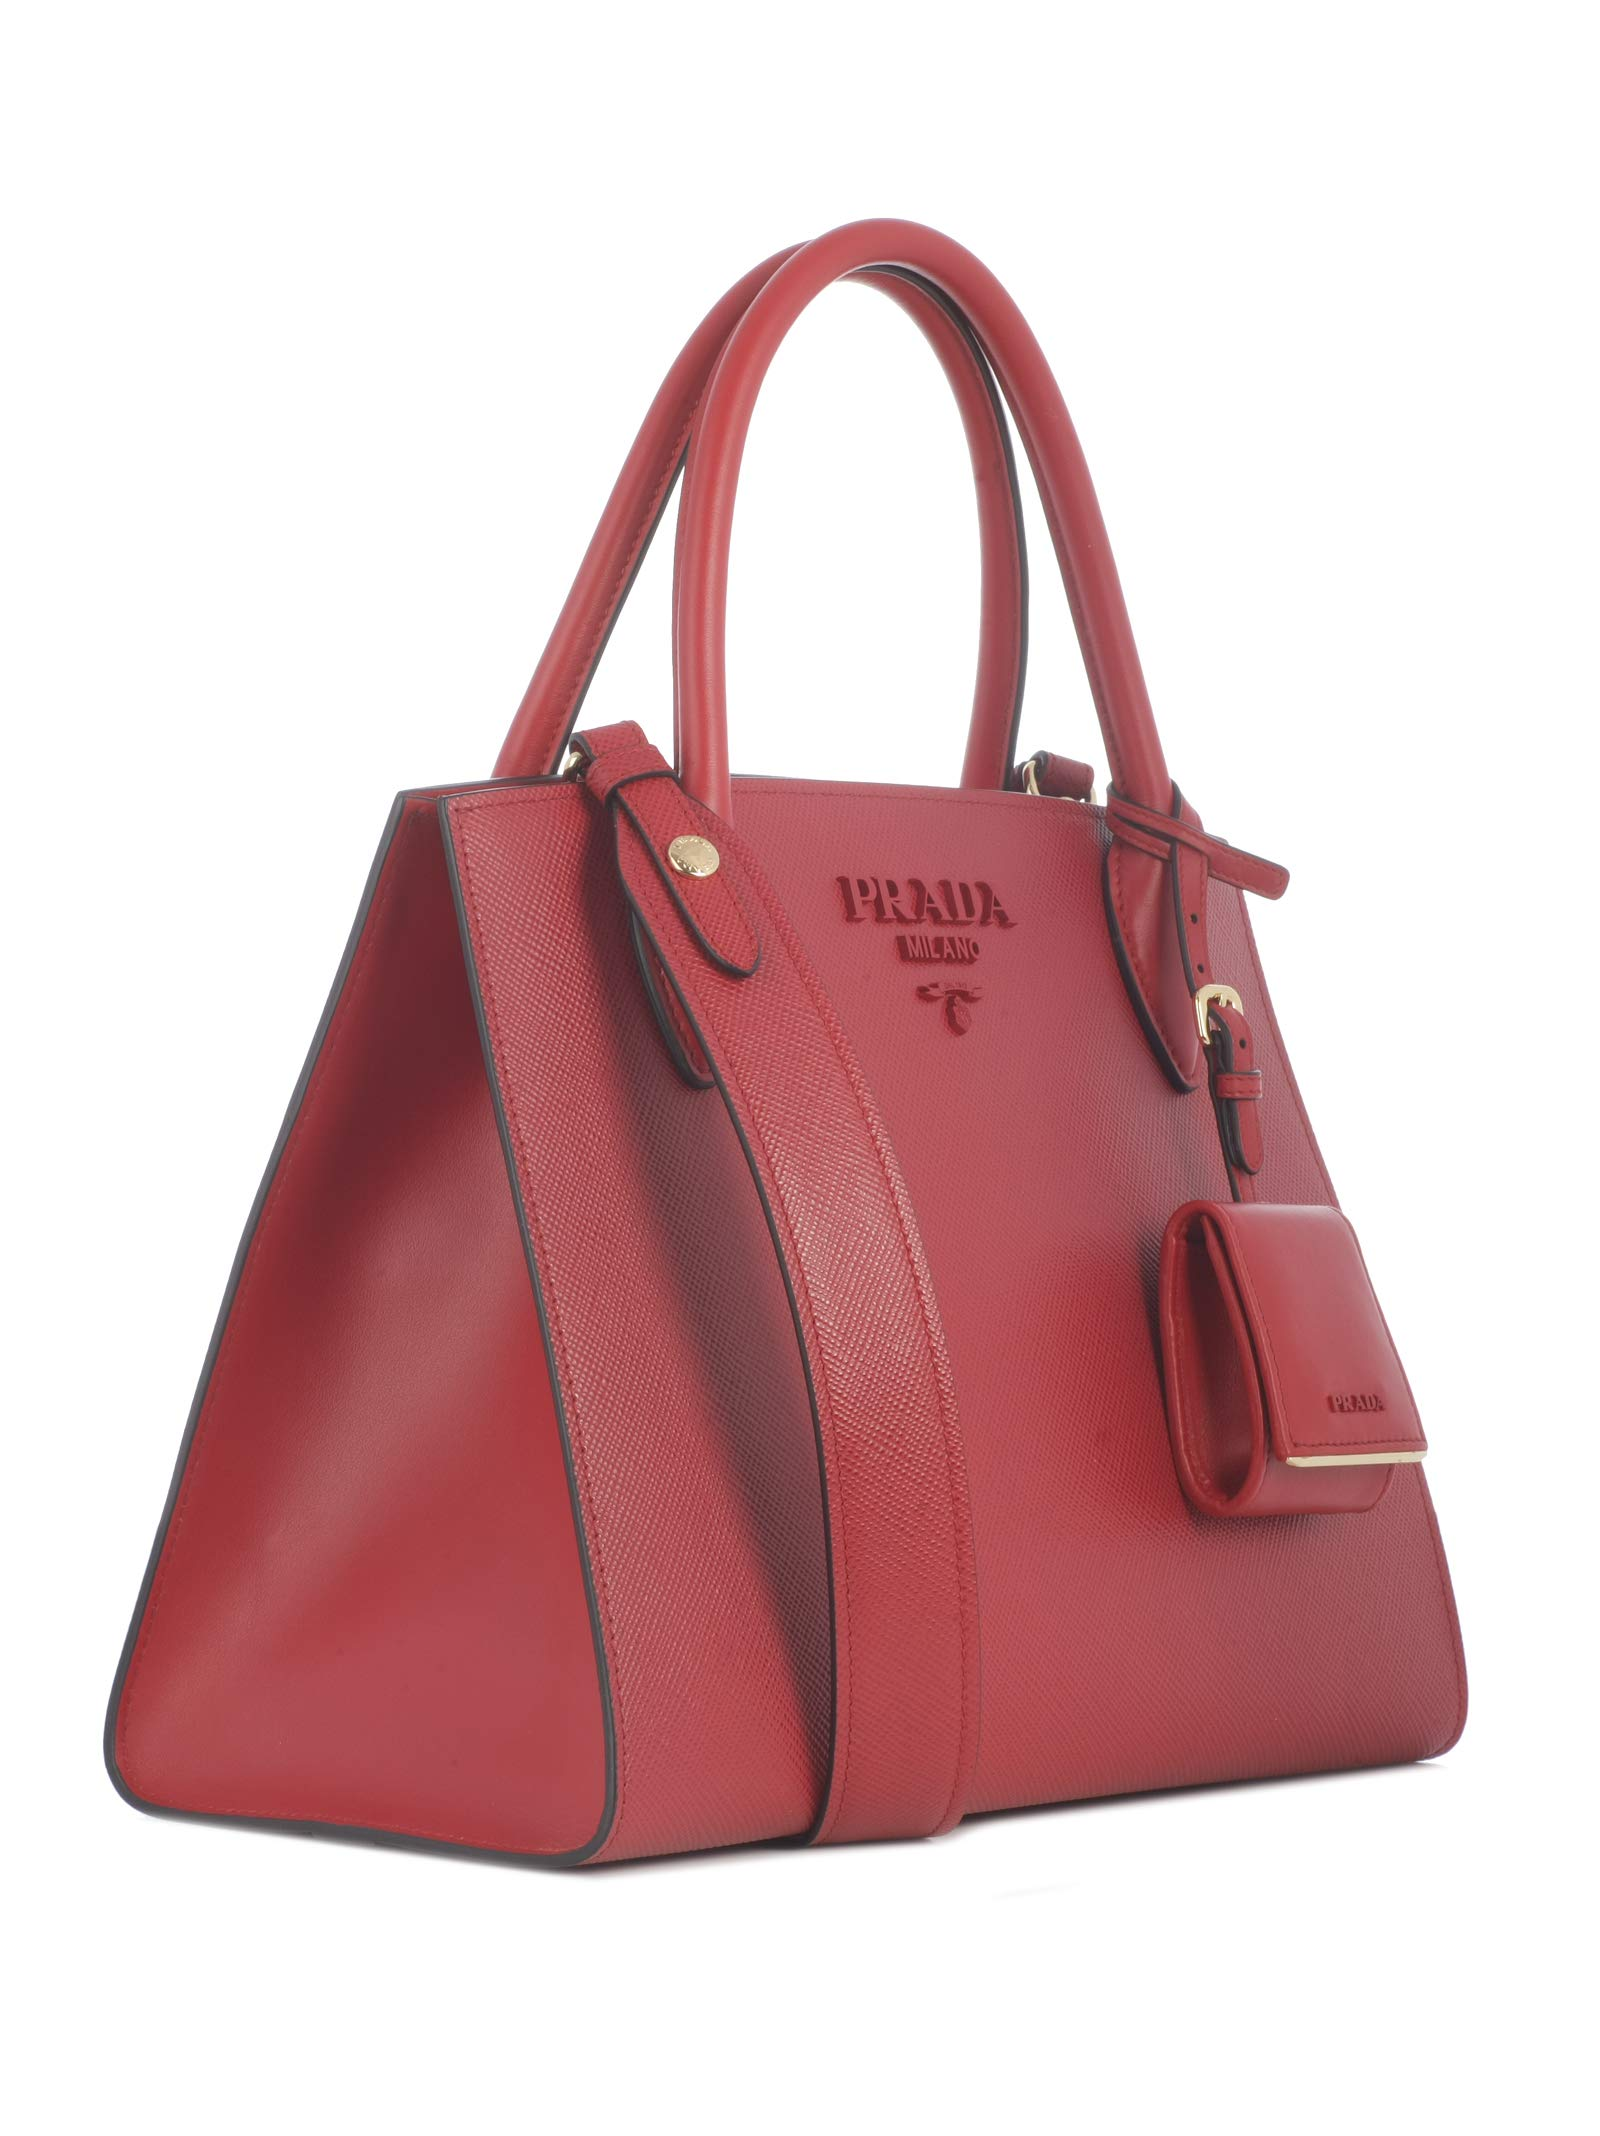 c15655ee1a Prada, Borsa a mano donna Rosso rosso trova prezzo offerta